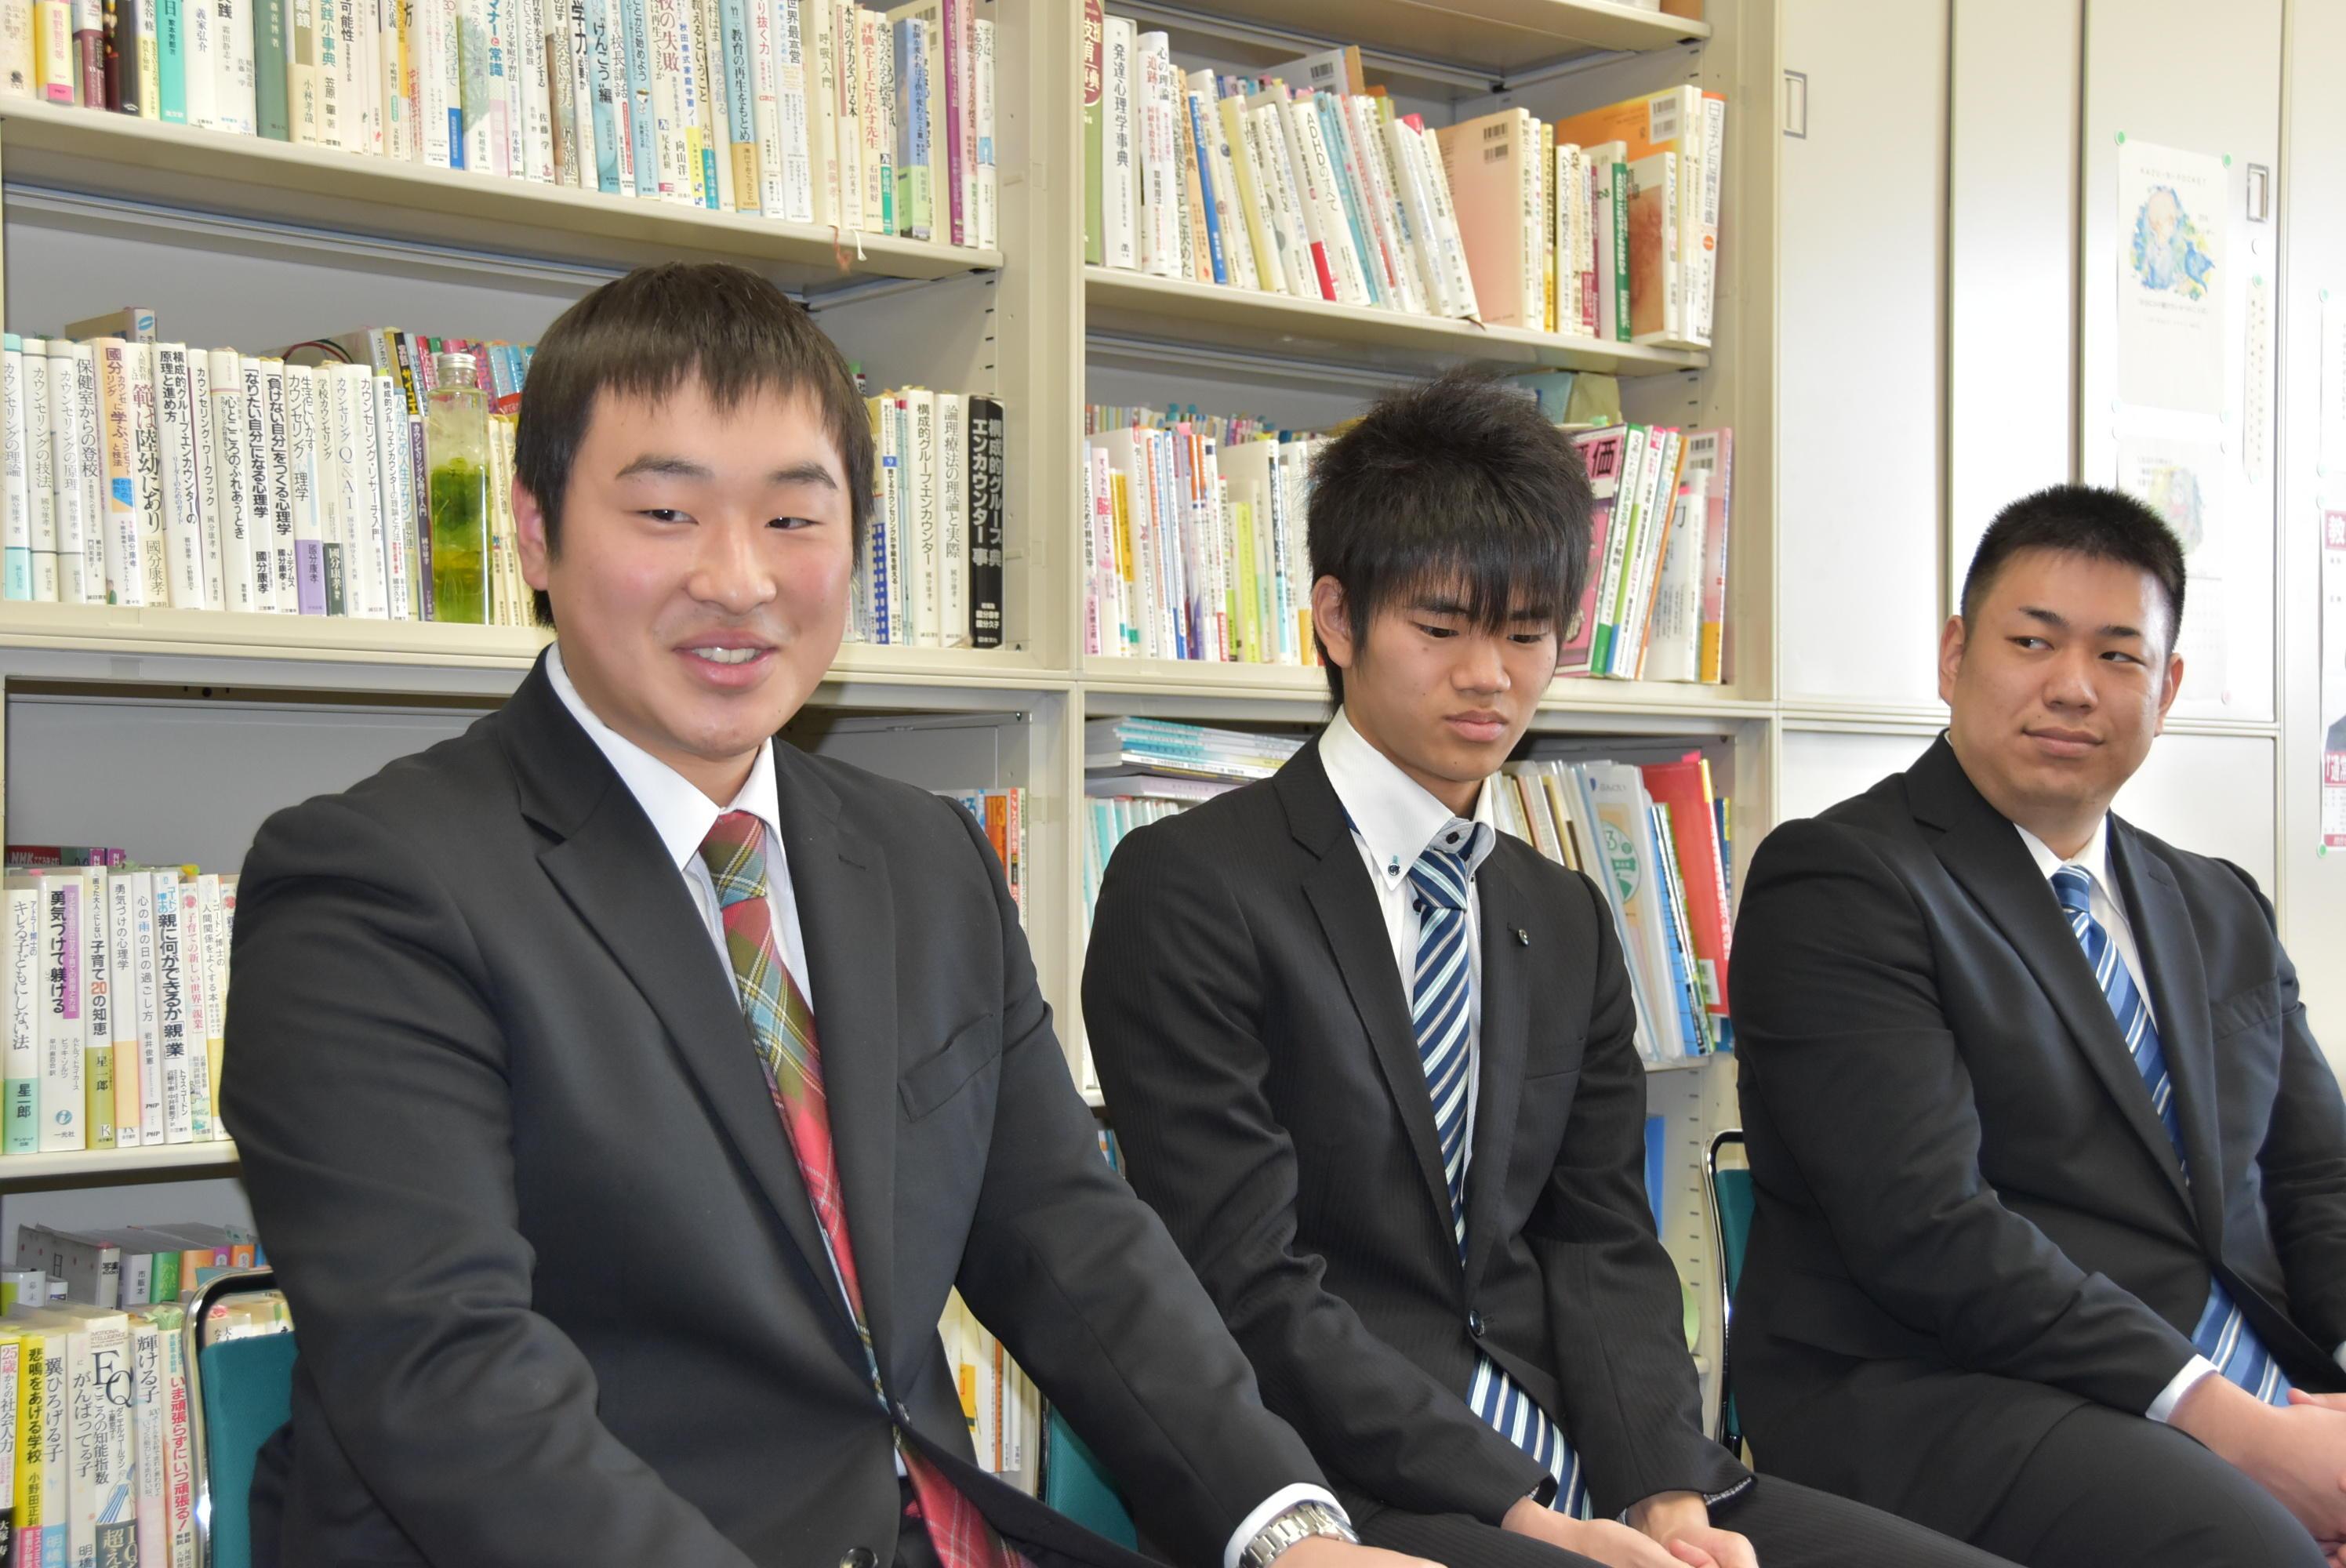 (右から)谷下さん、鳥居さん、三尾さん